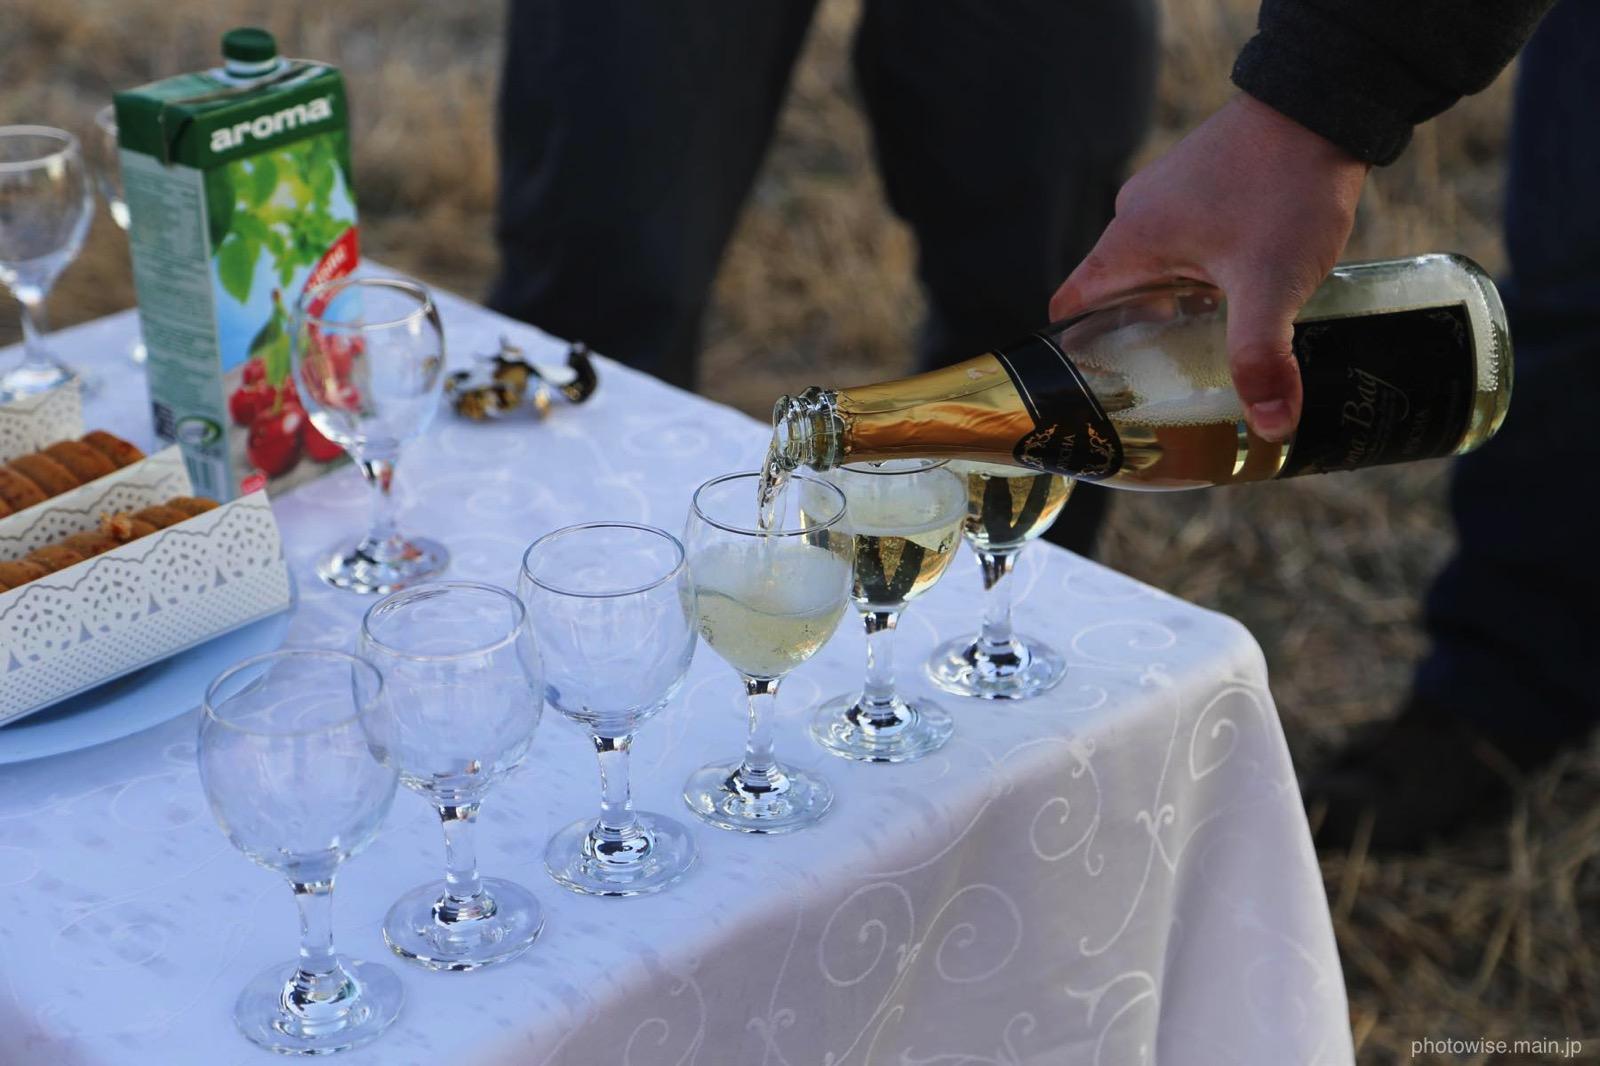 シャンパンタイム